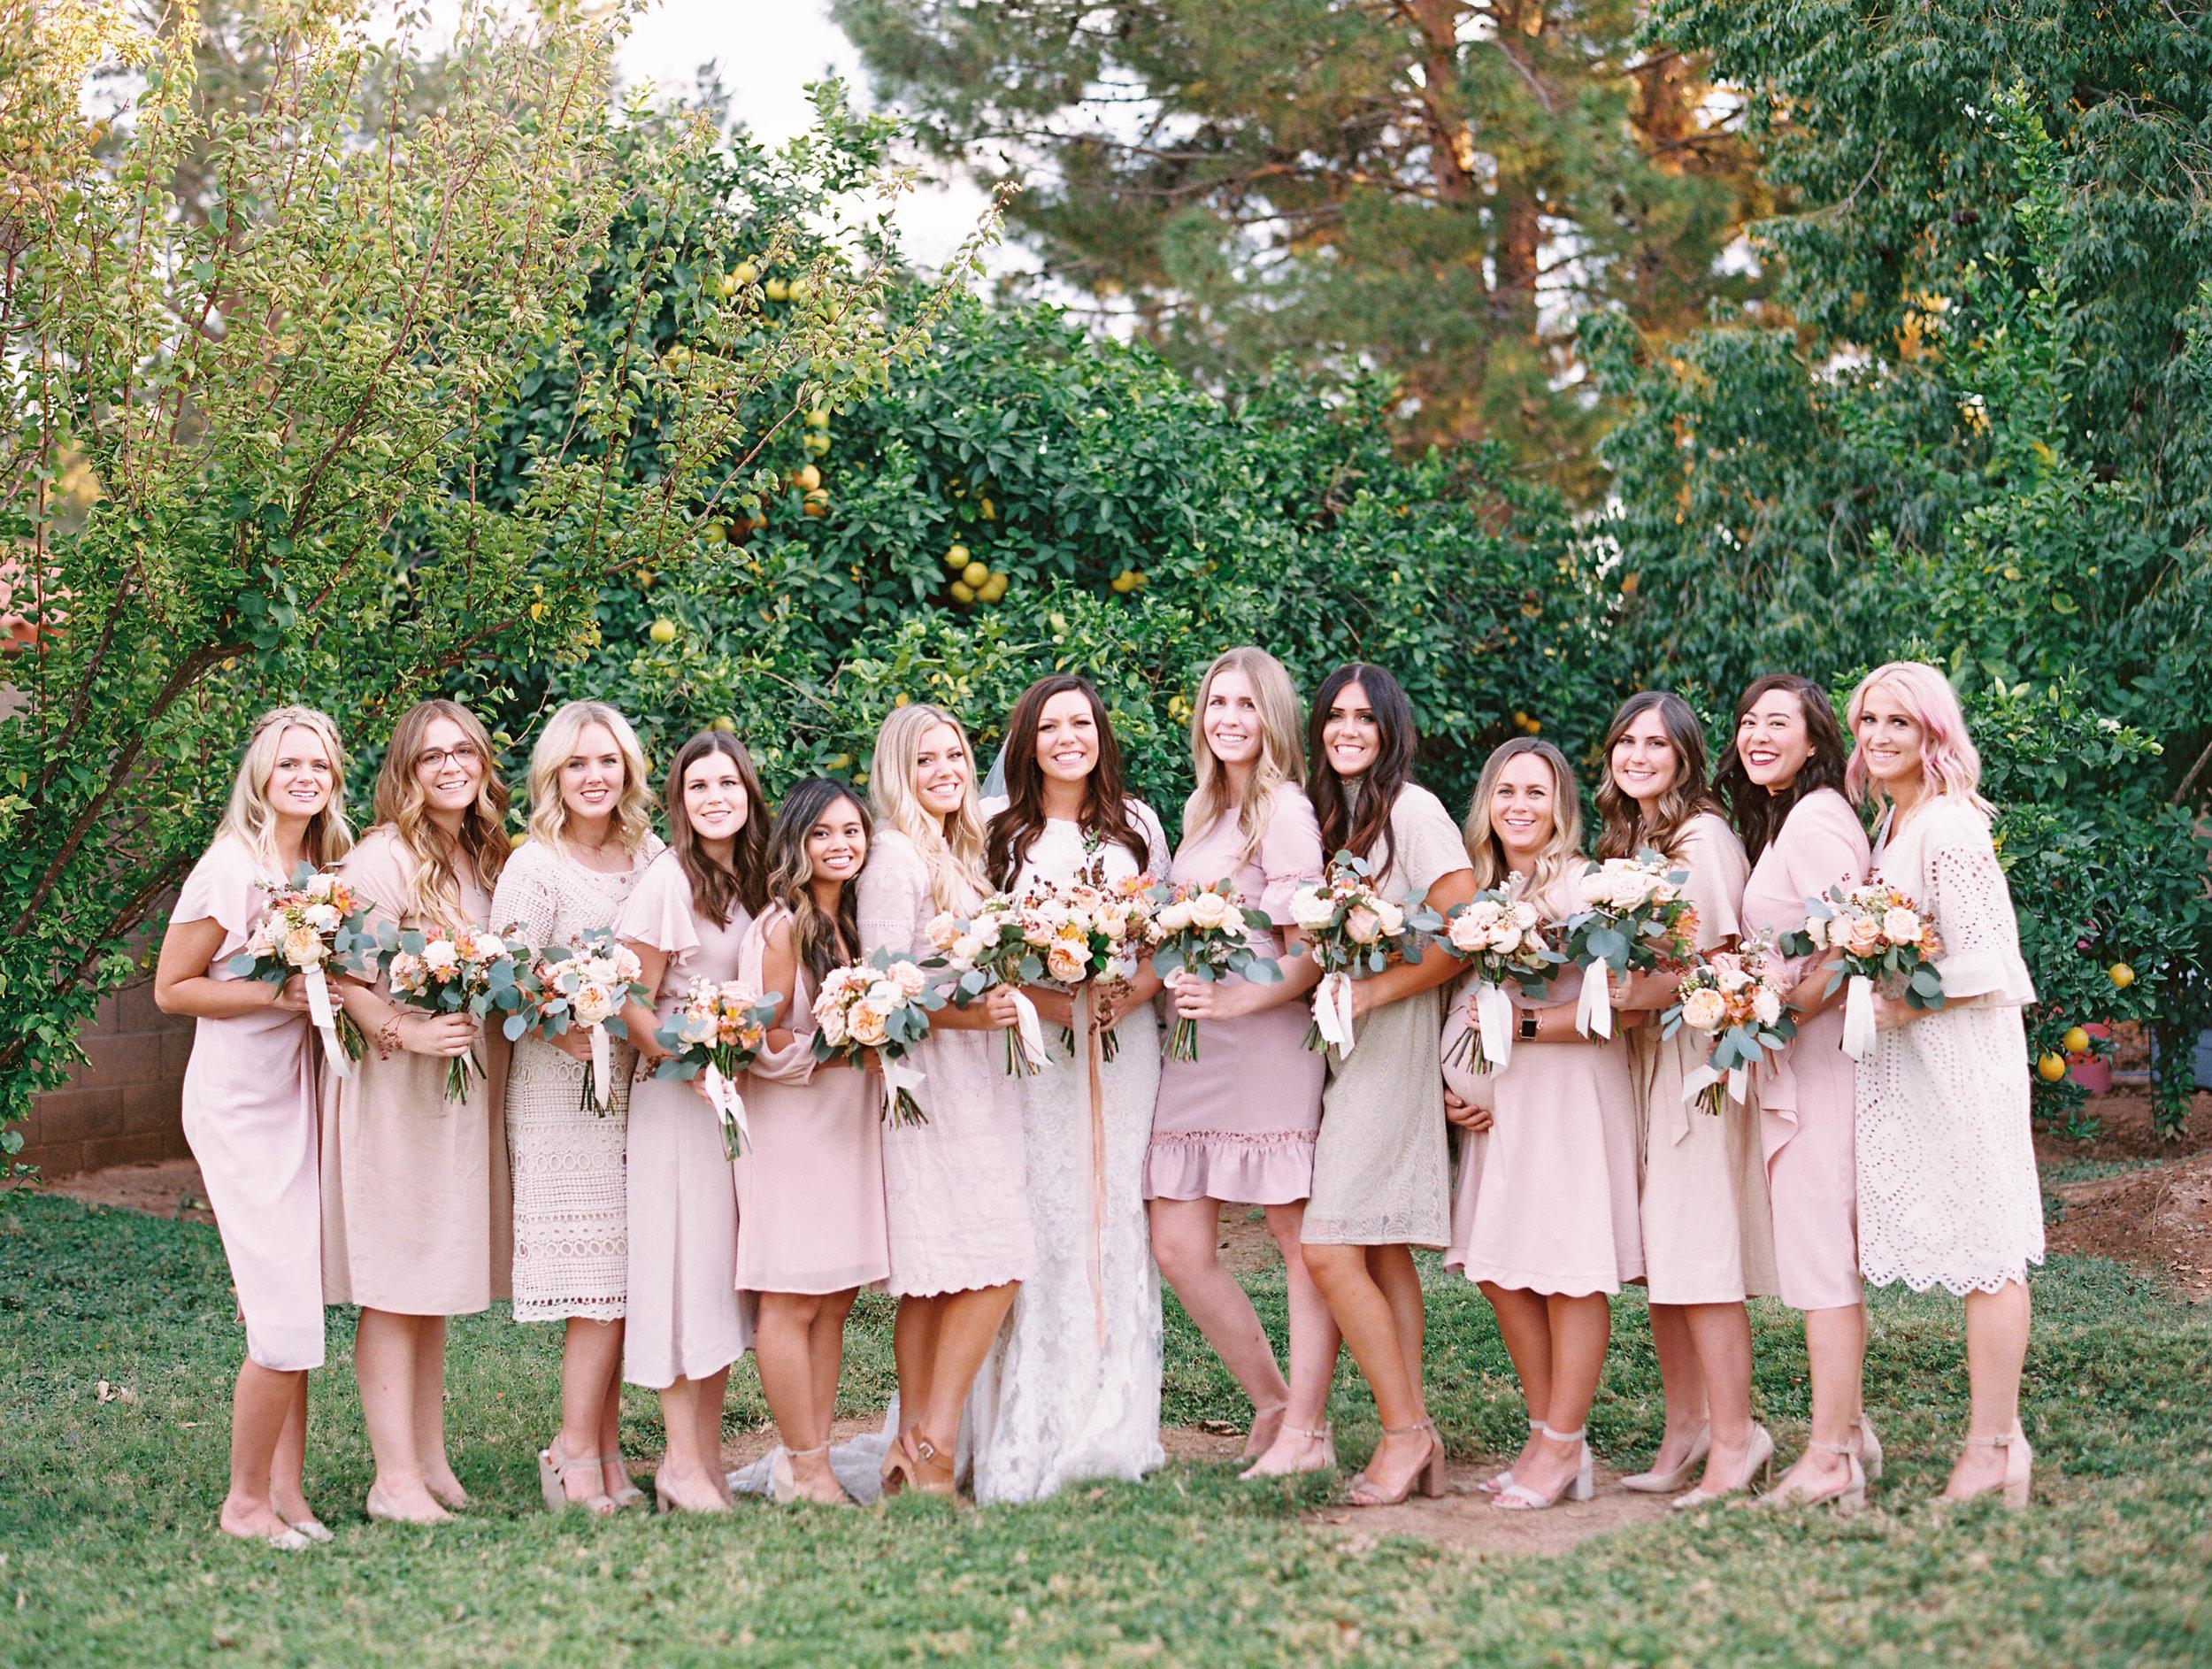 kelsandmichael_weddingphotography_coffey-93.jpg